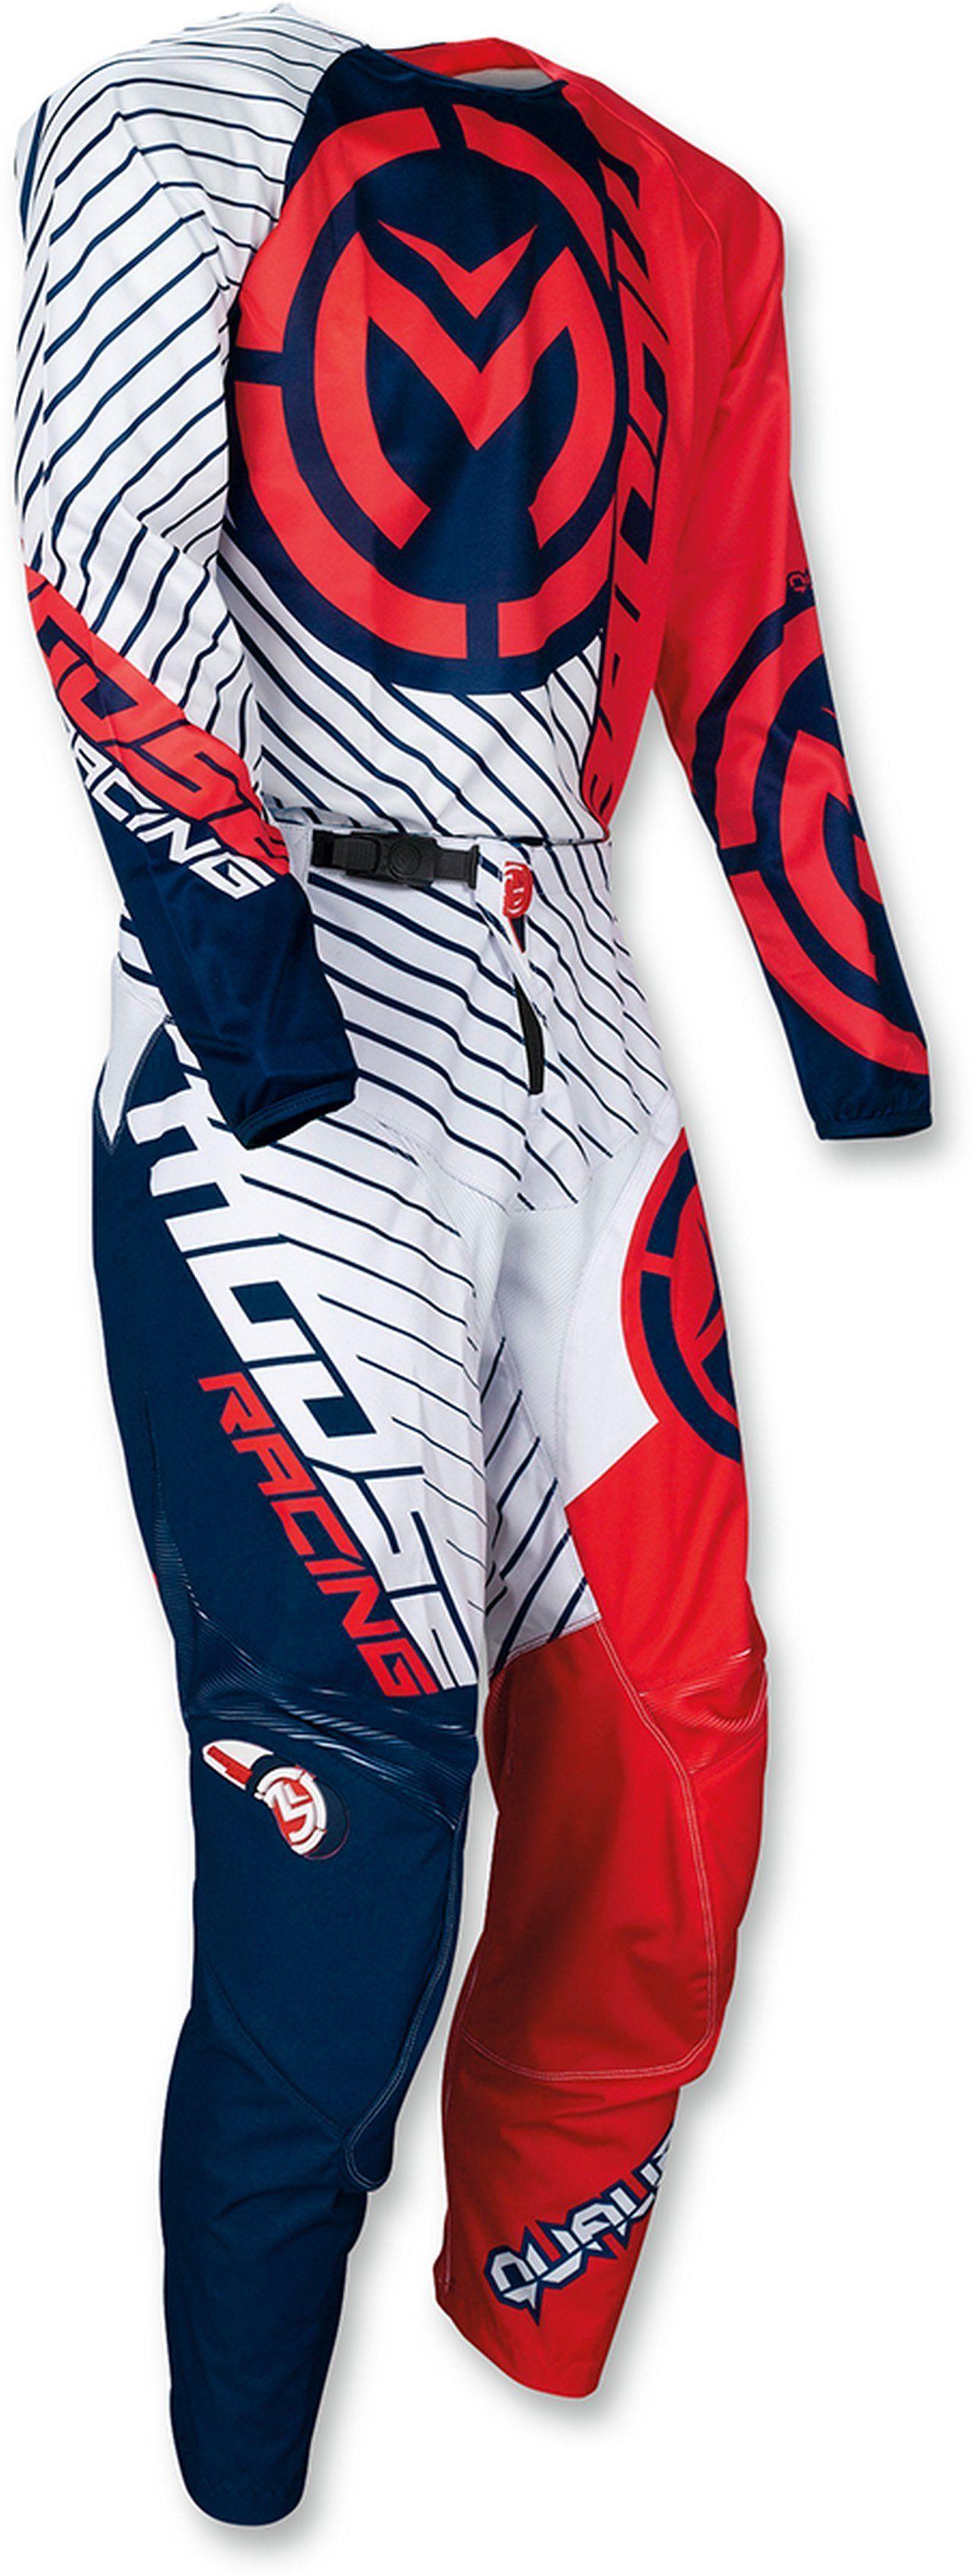 【MOOSE RACING】Qualifier 青少年 騎士褲 [2903-1591] - 「Webike-摩托百貨」